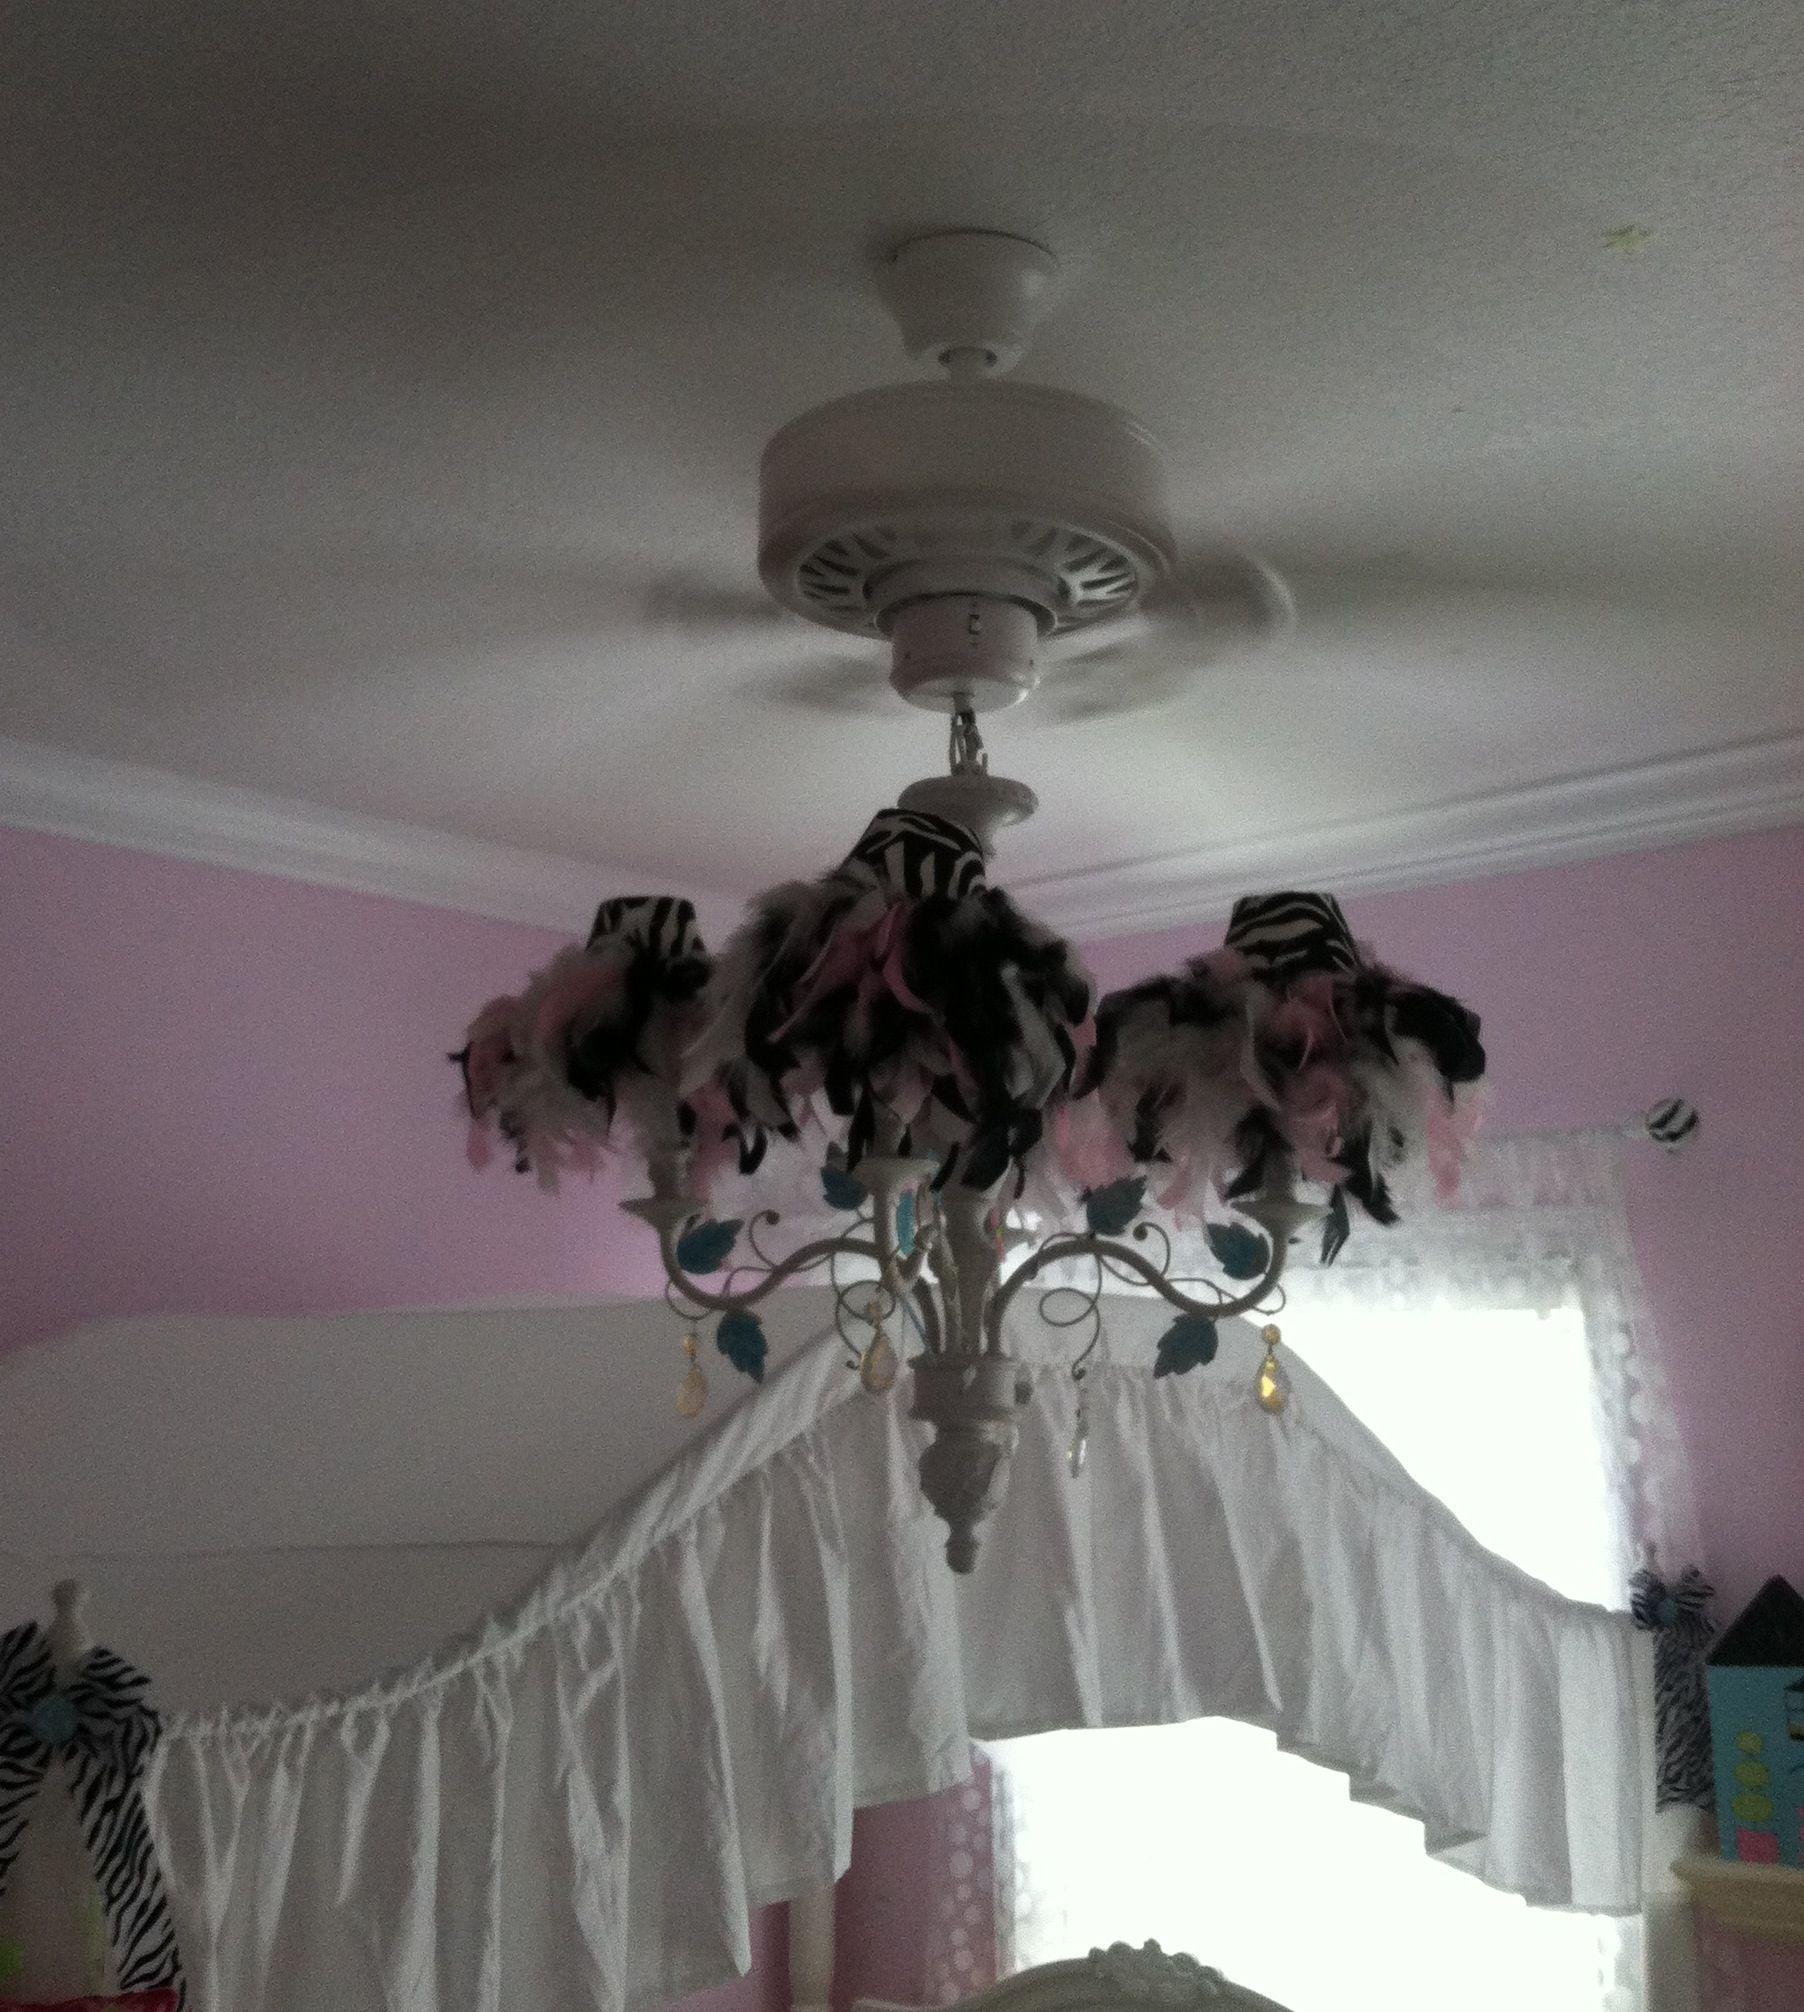 Chandelier ceiling fan diy zebra feather boa little girls room chandelier ceiling fan diy zebra feather boa little girls room aloadofball Gallery